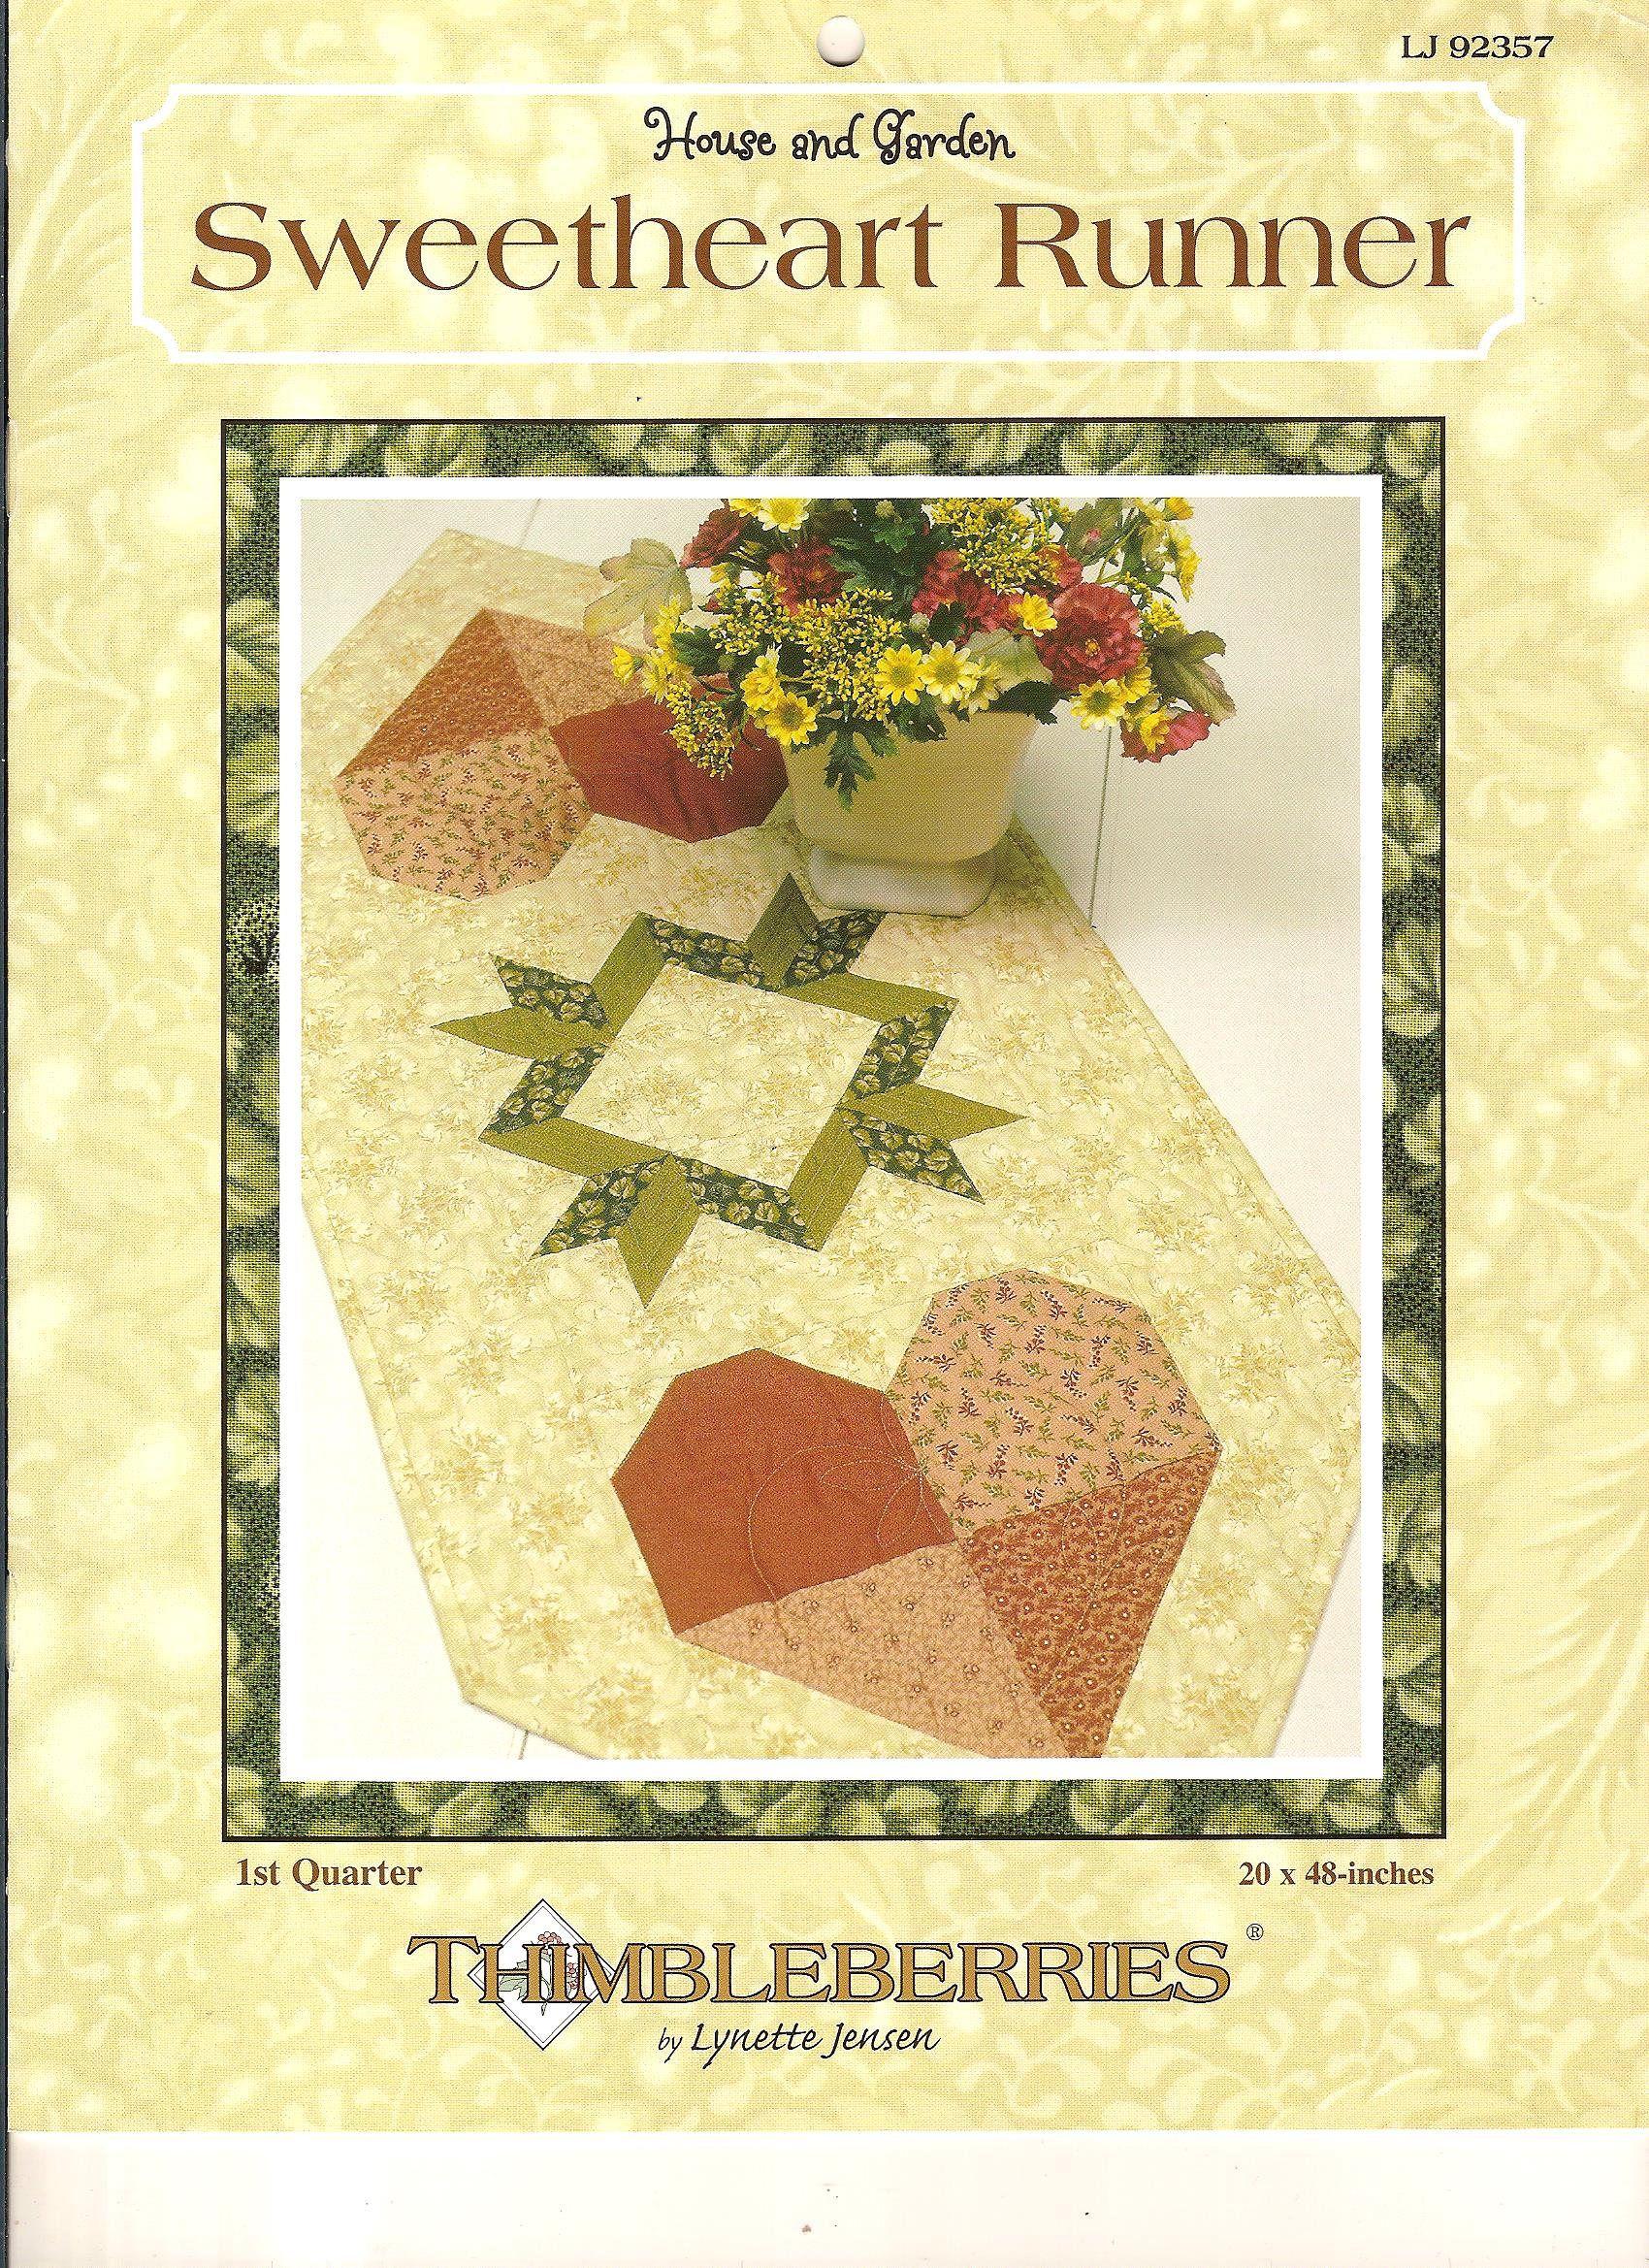 Thimbleberries Sweetheart Runner Pattern Booklet Table Runner By Designer Lynette Jensen House Garden Heart Quilt Coun Quilts Book Quilt Quilt Patterns